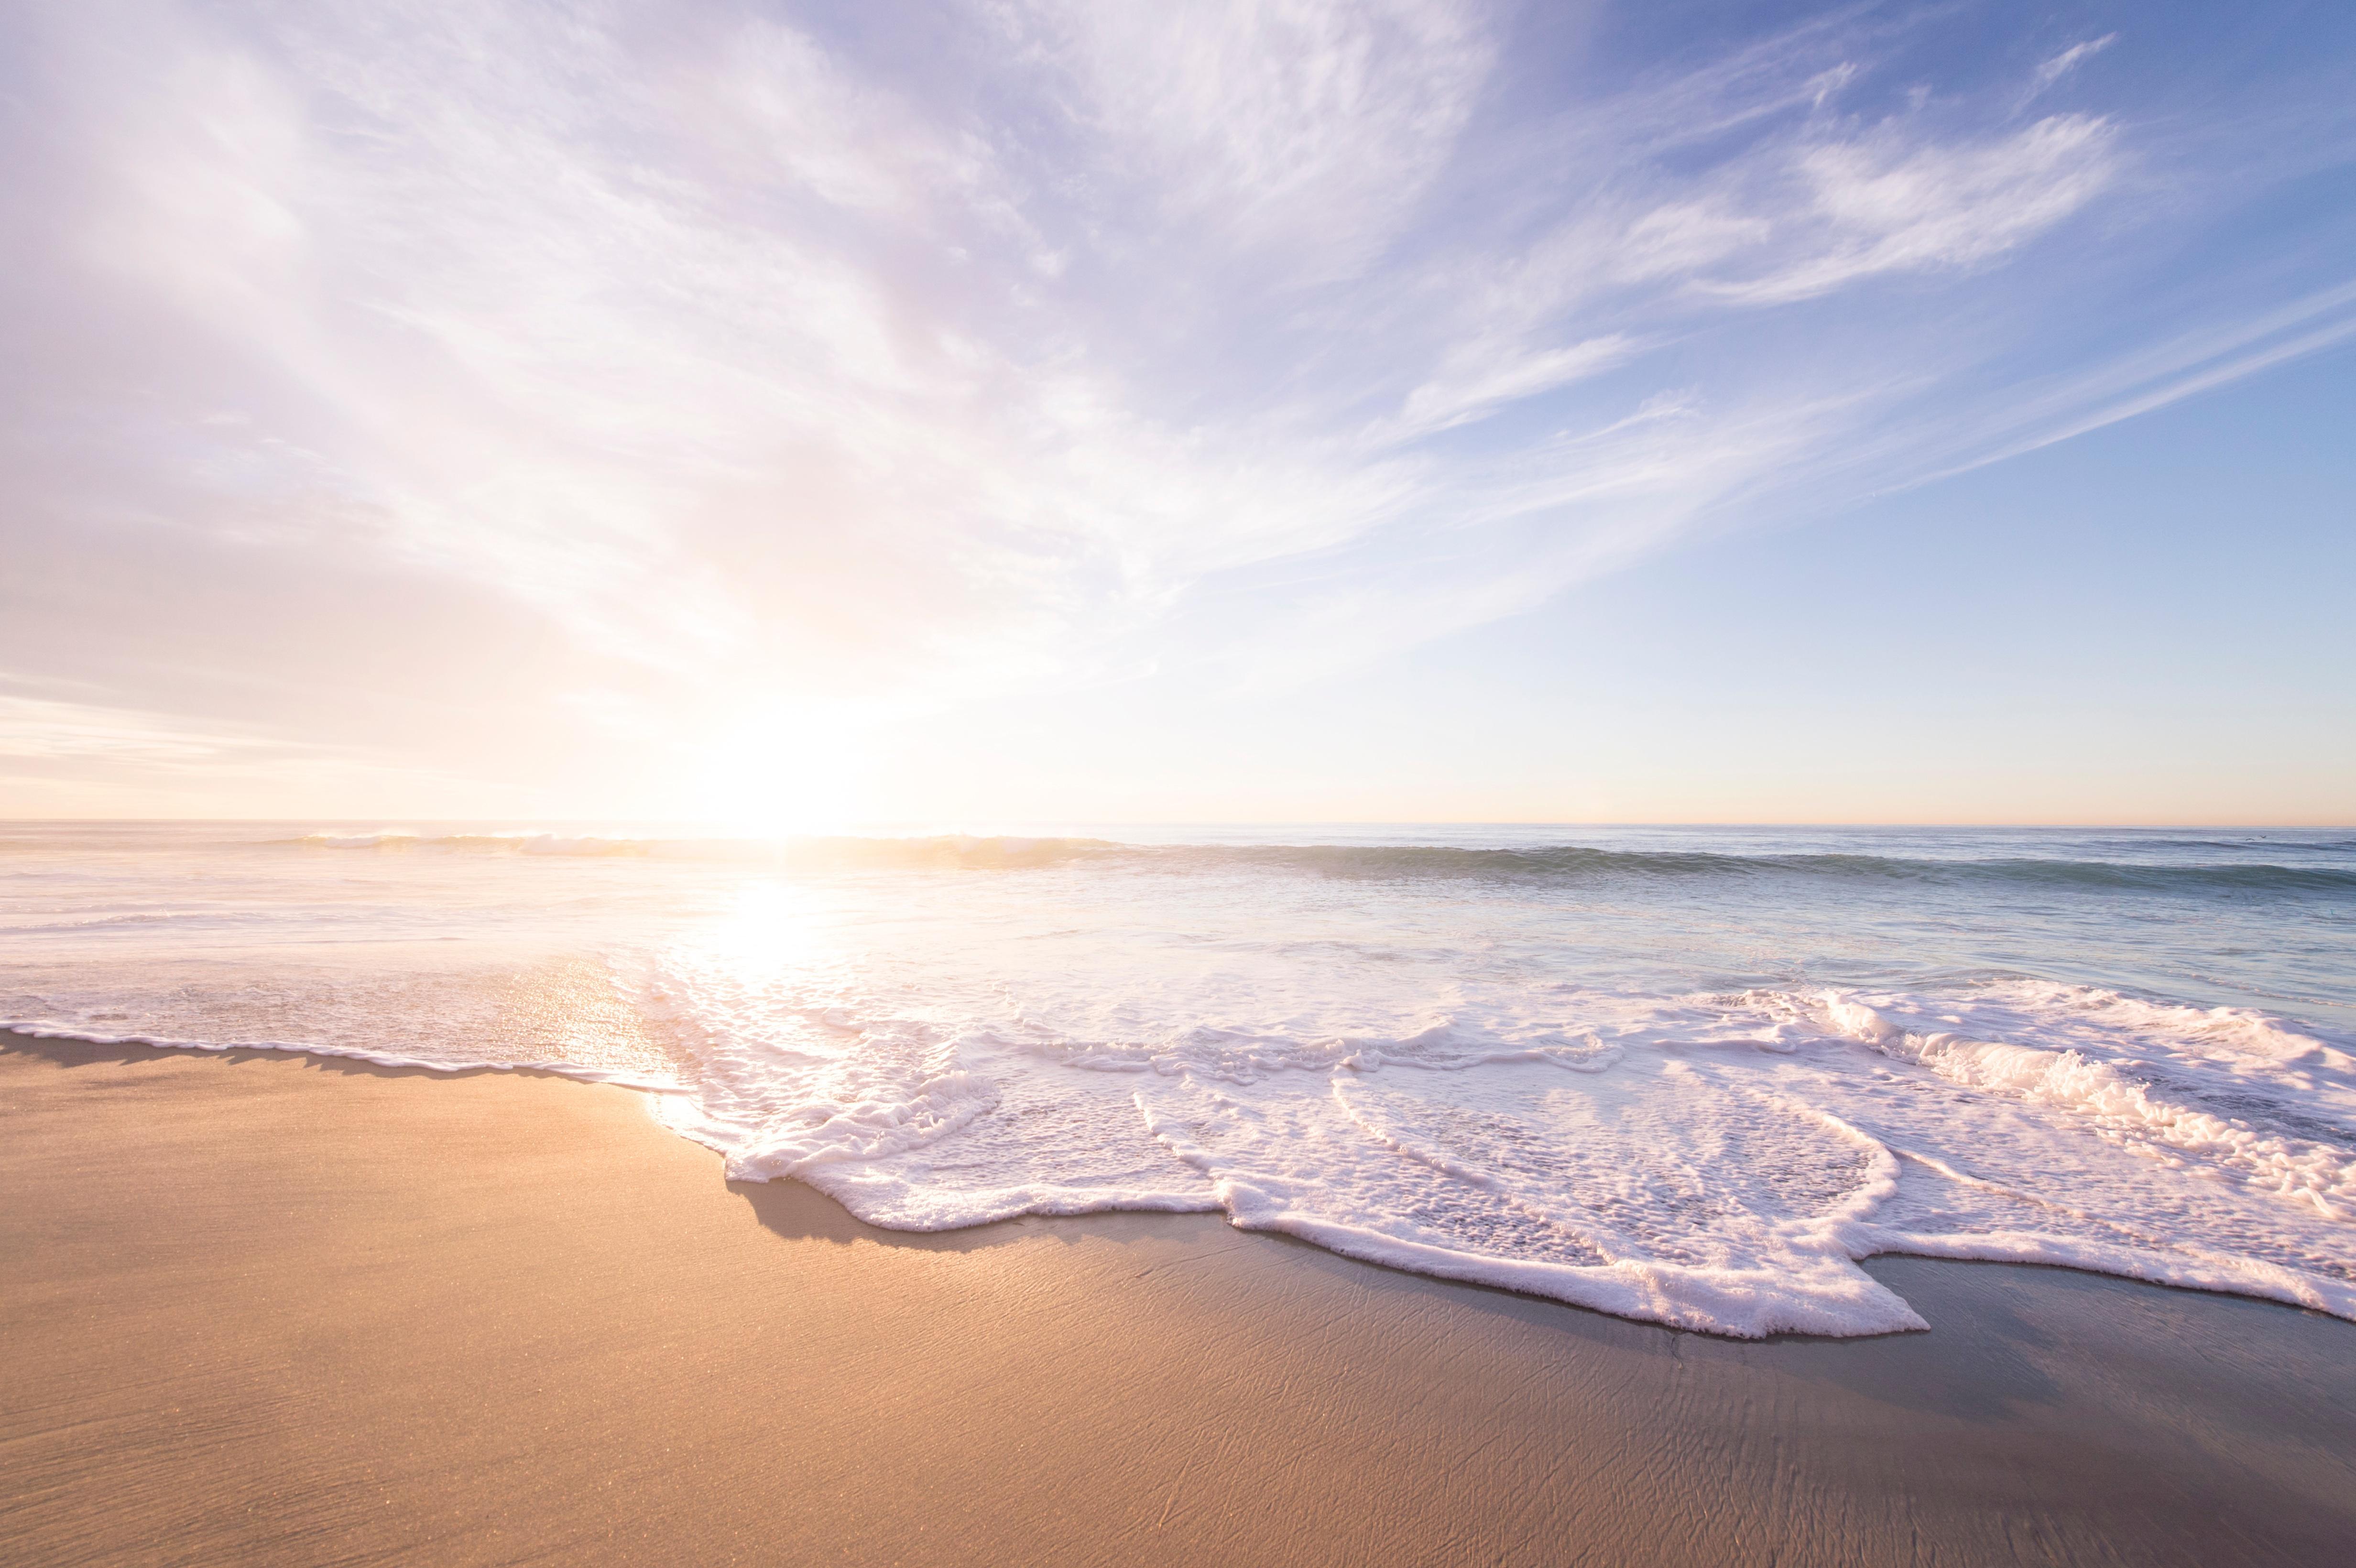 процессе утро на берегу океана картинки желанию клиента может